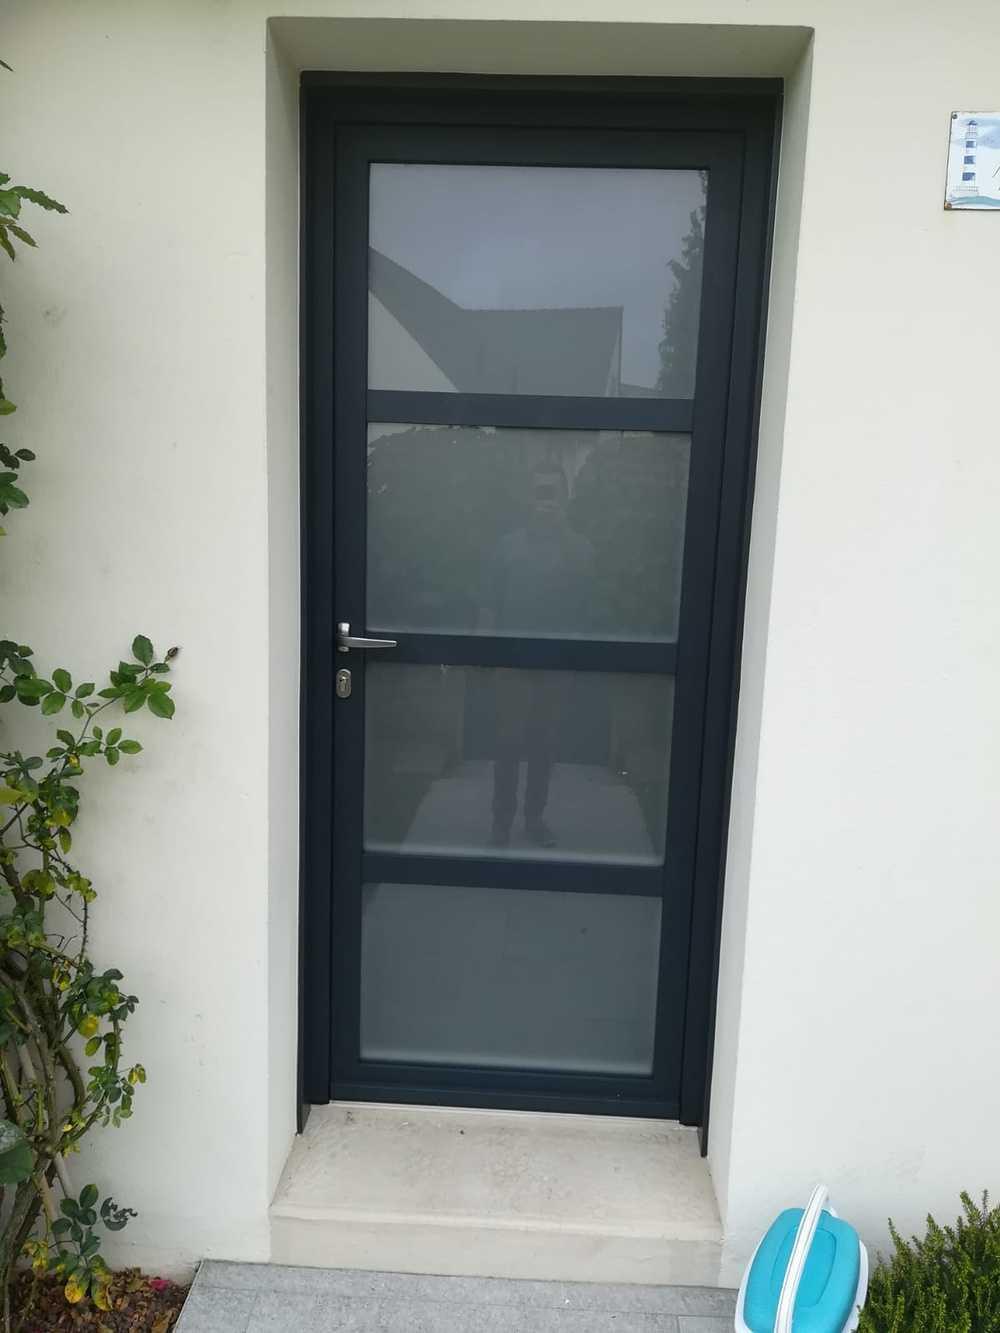 Pose porte d''entrée contemporaine alu avec vitrage sablé 0